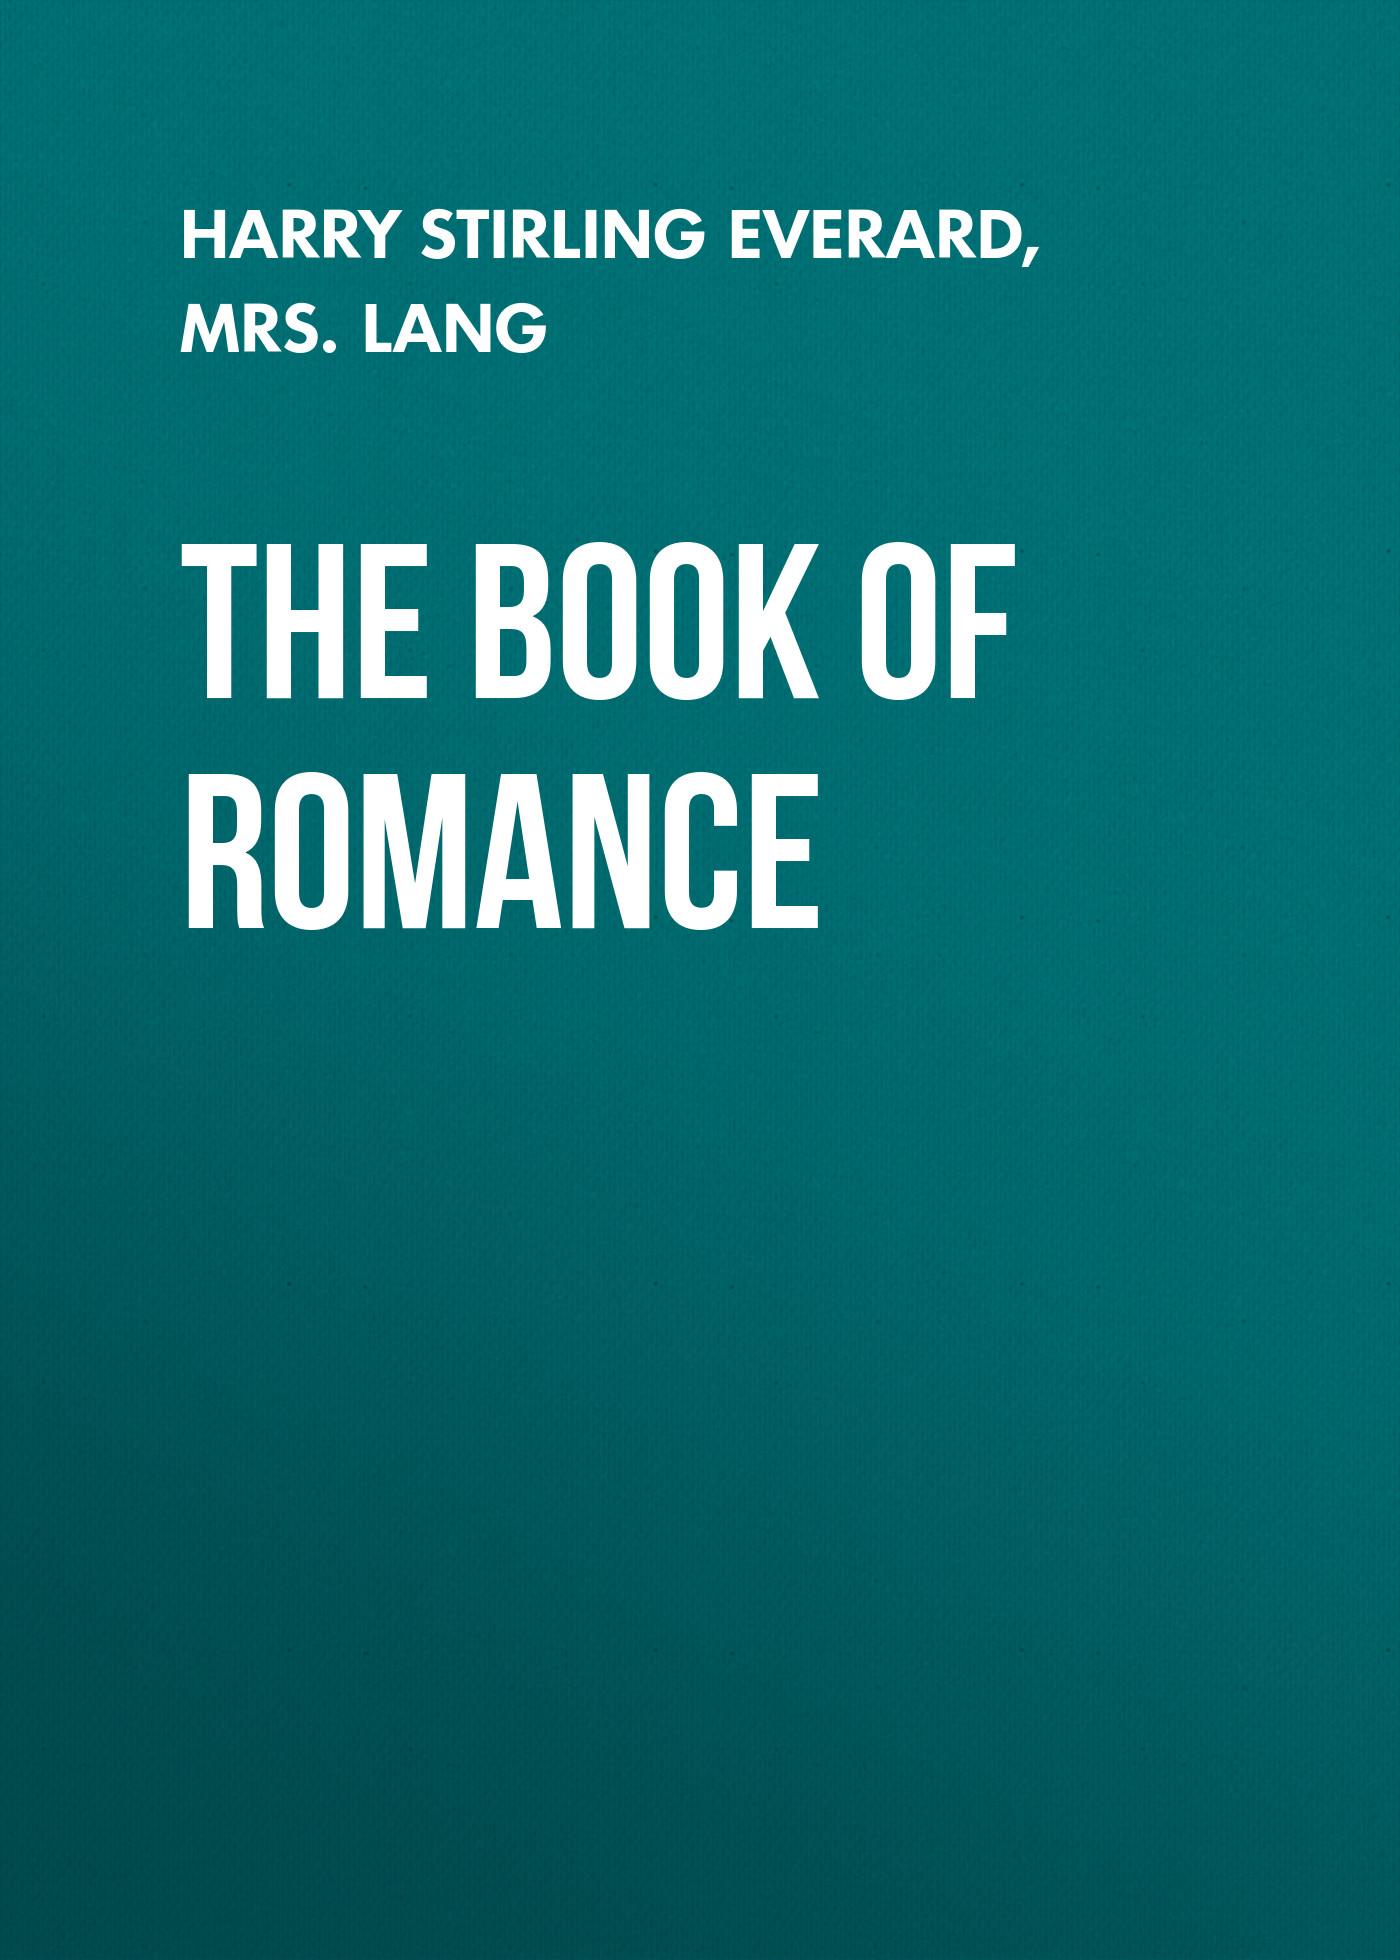 Mrs. Lang The Book of Romance duchess mrs geoffrey